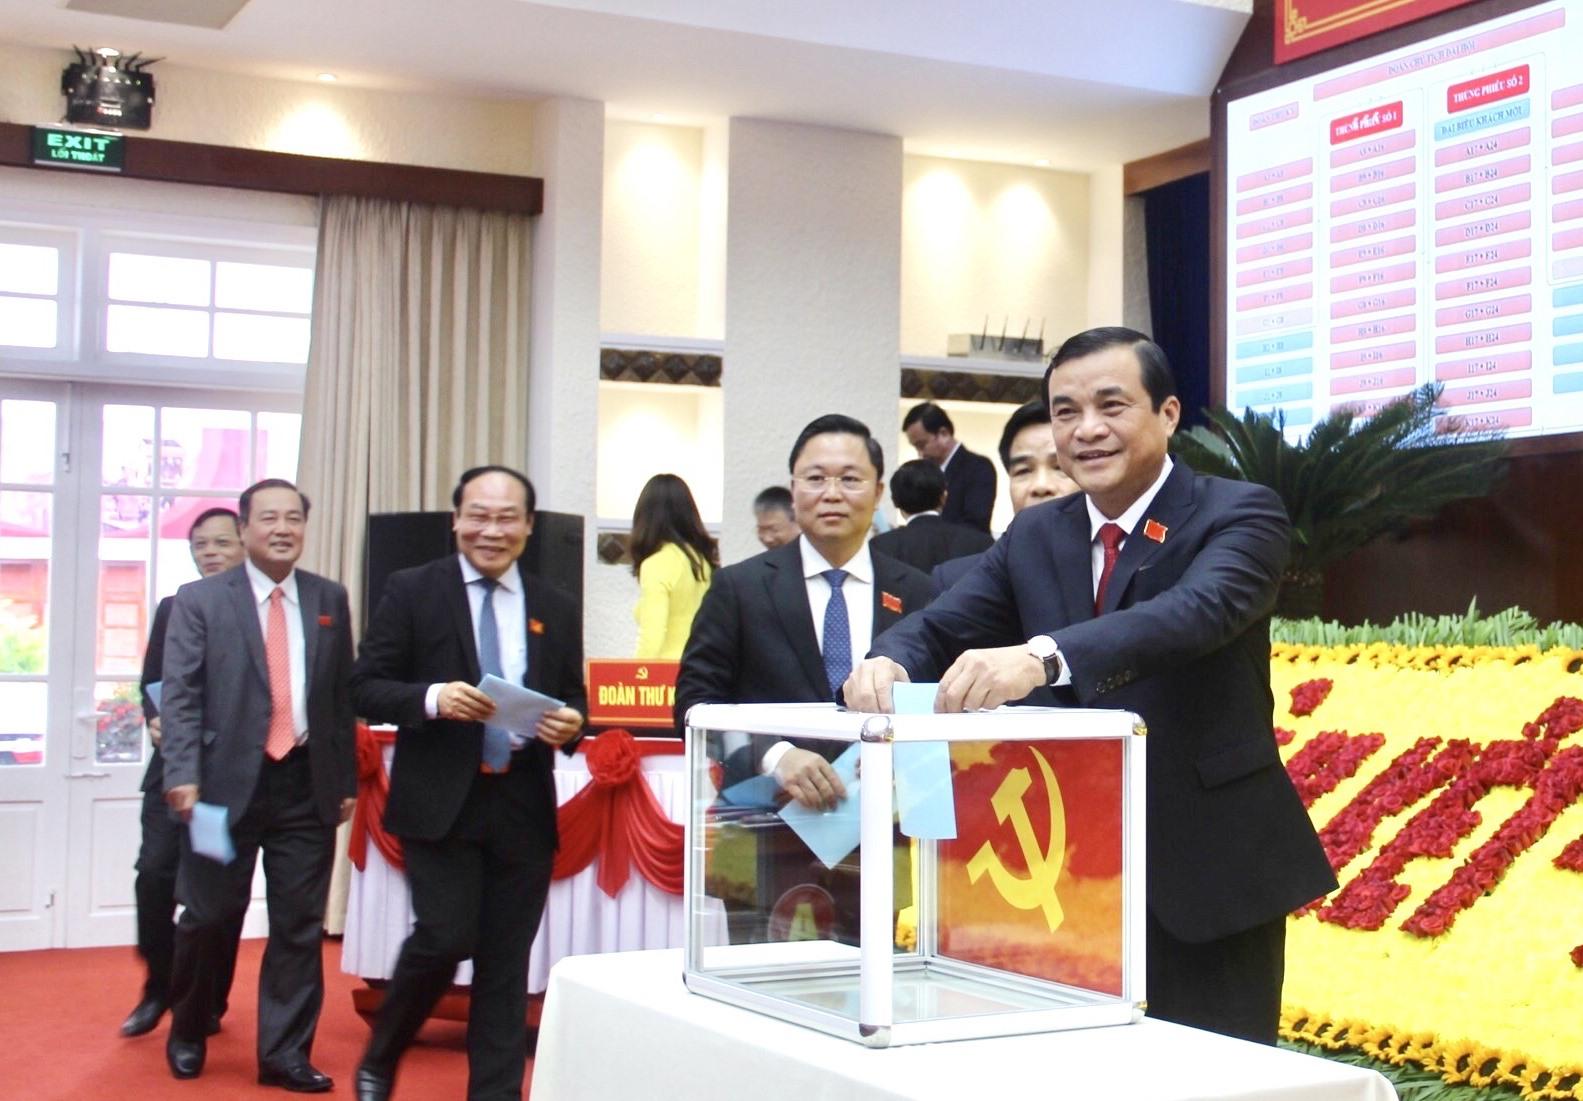 Các đại biểu bỏ phiếu bầu Ban Chấp hành Đảng bộ tỉnh khóa XXII.